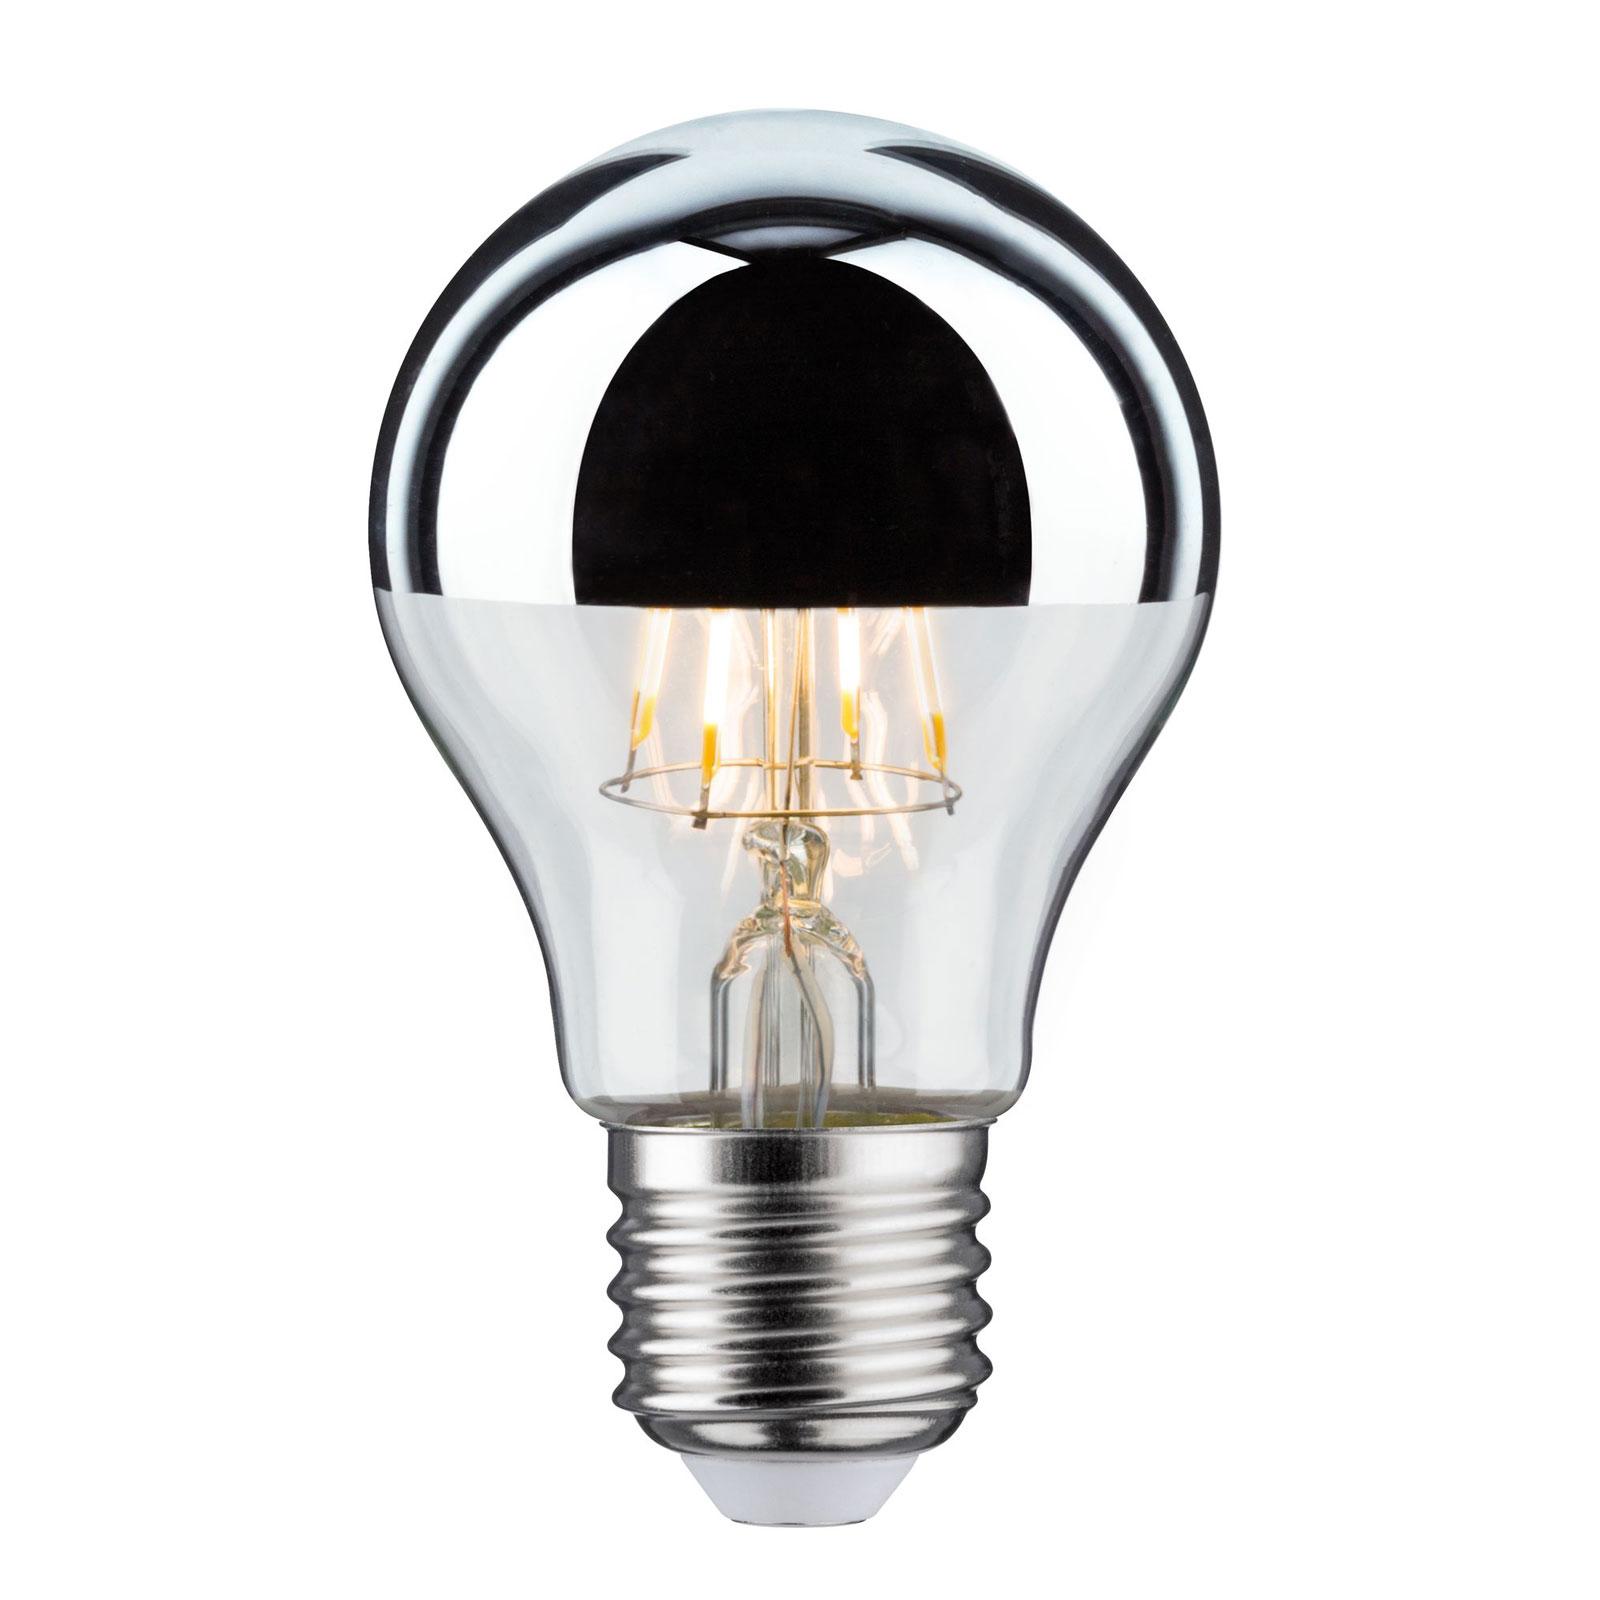 LED-Lampe E27 Tropfen 827 Kopfspiegel 4,8W